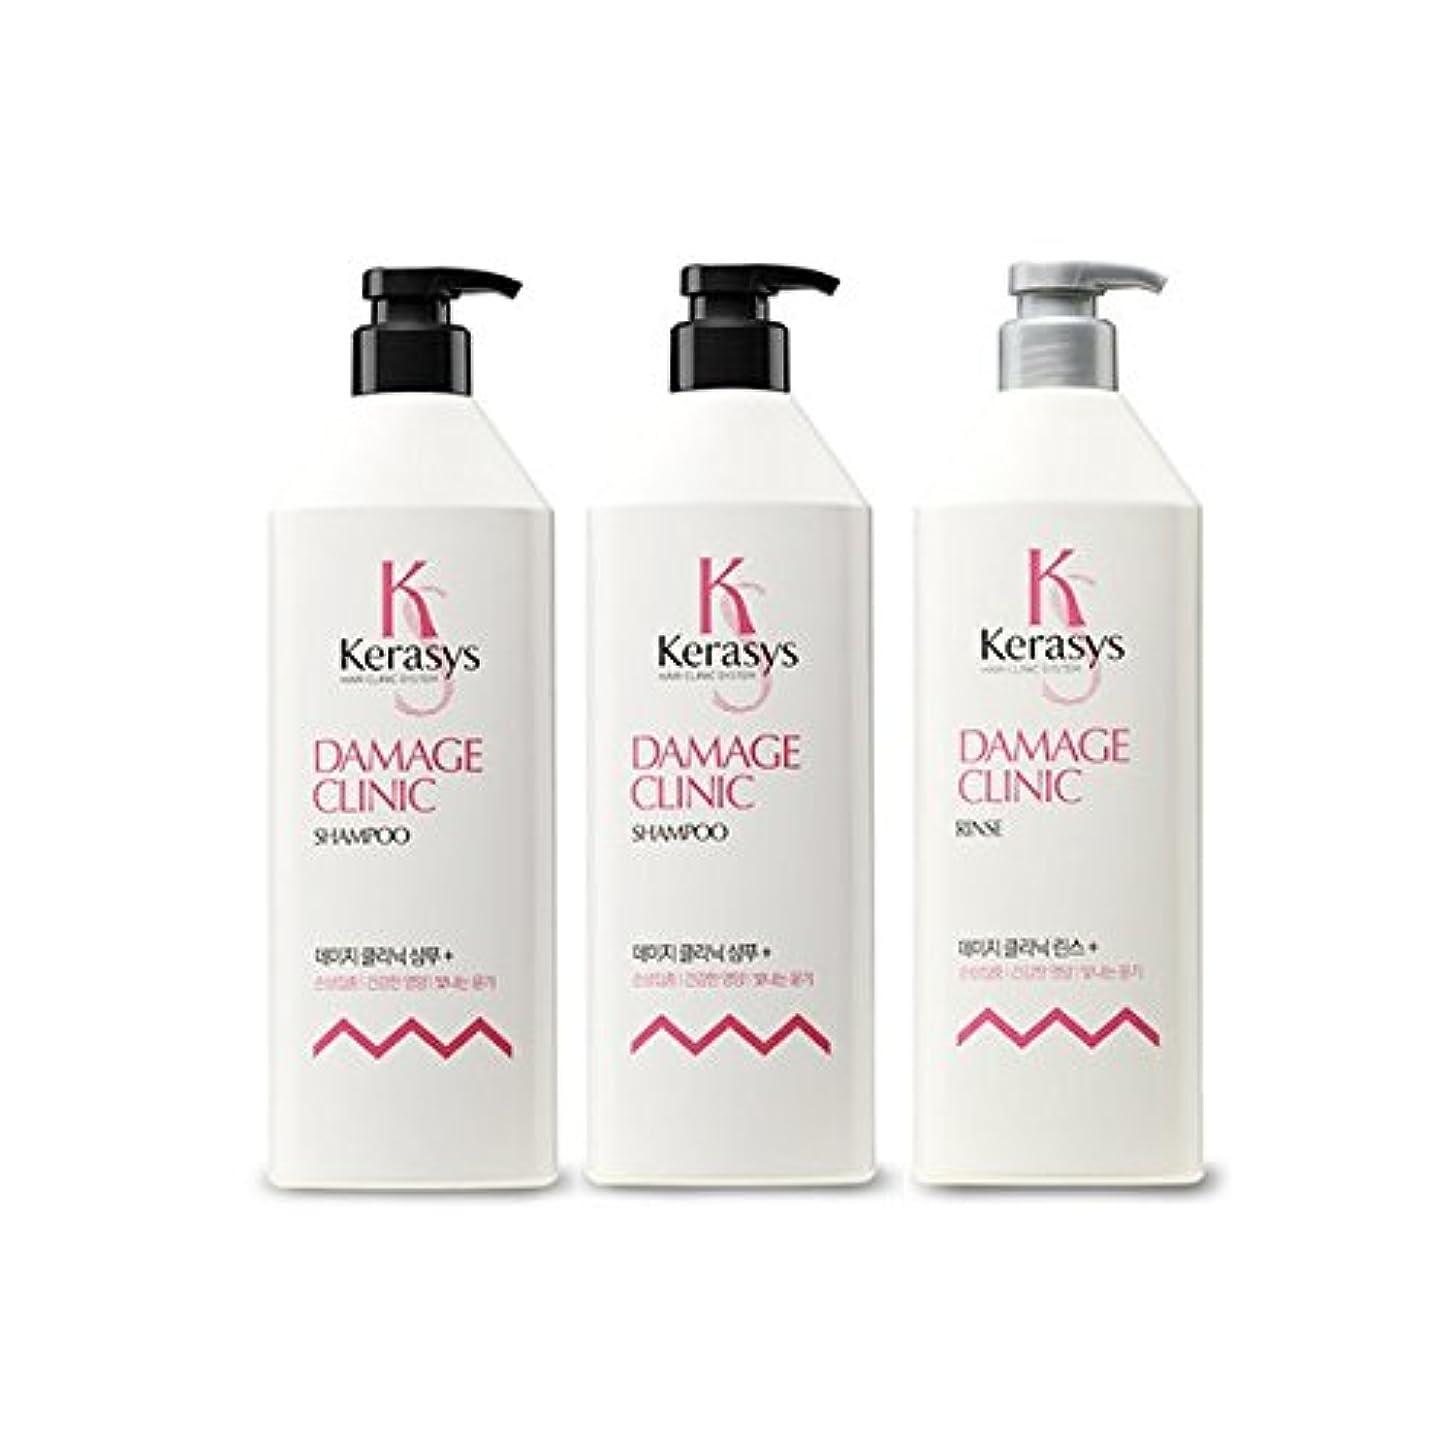 困ったエピソード見つける[Kerasys] ケラシス ダメージクリニック シャンプー Damage Clinic shampoo 750ml x2本 リンス Damage Clinic Rinse 750ml x 1本 [海外直送品]